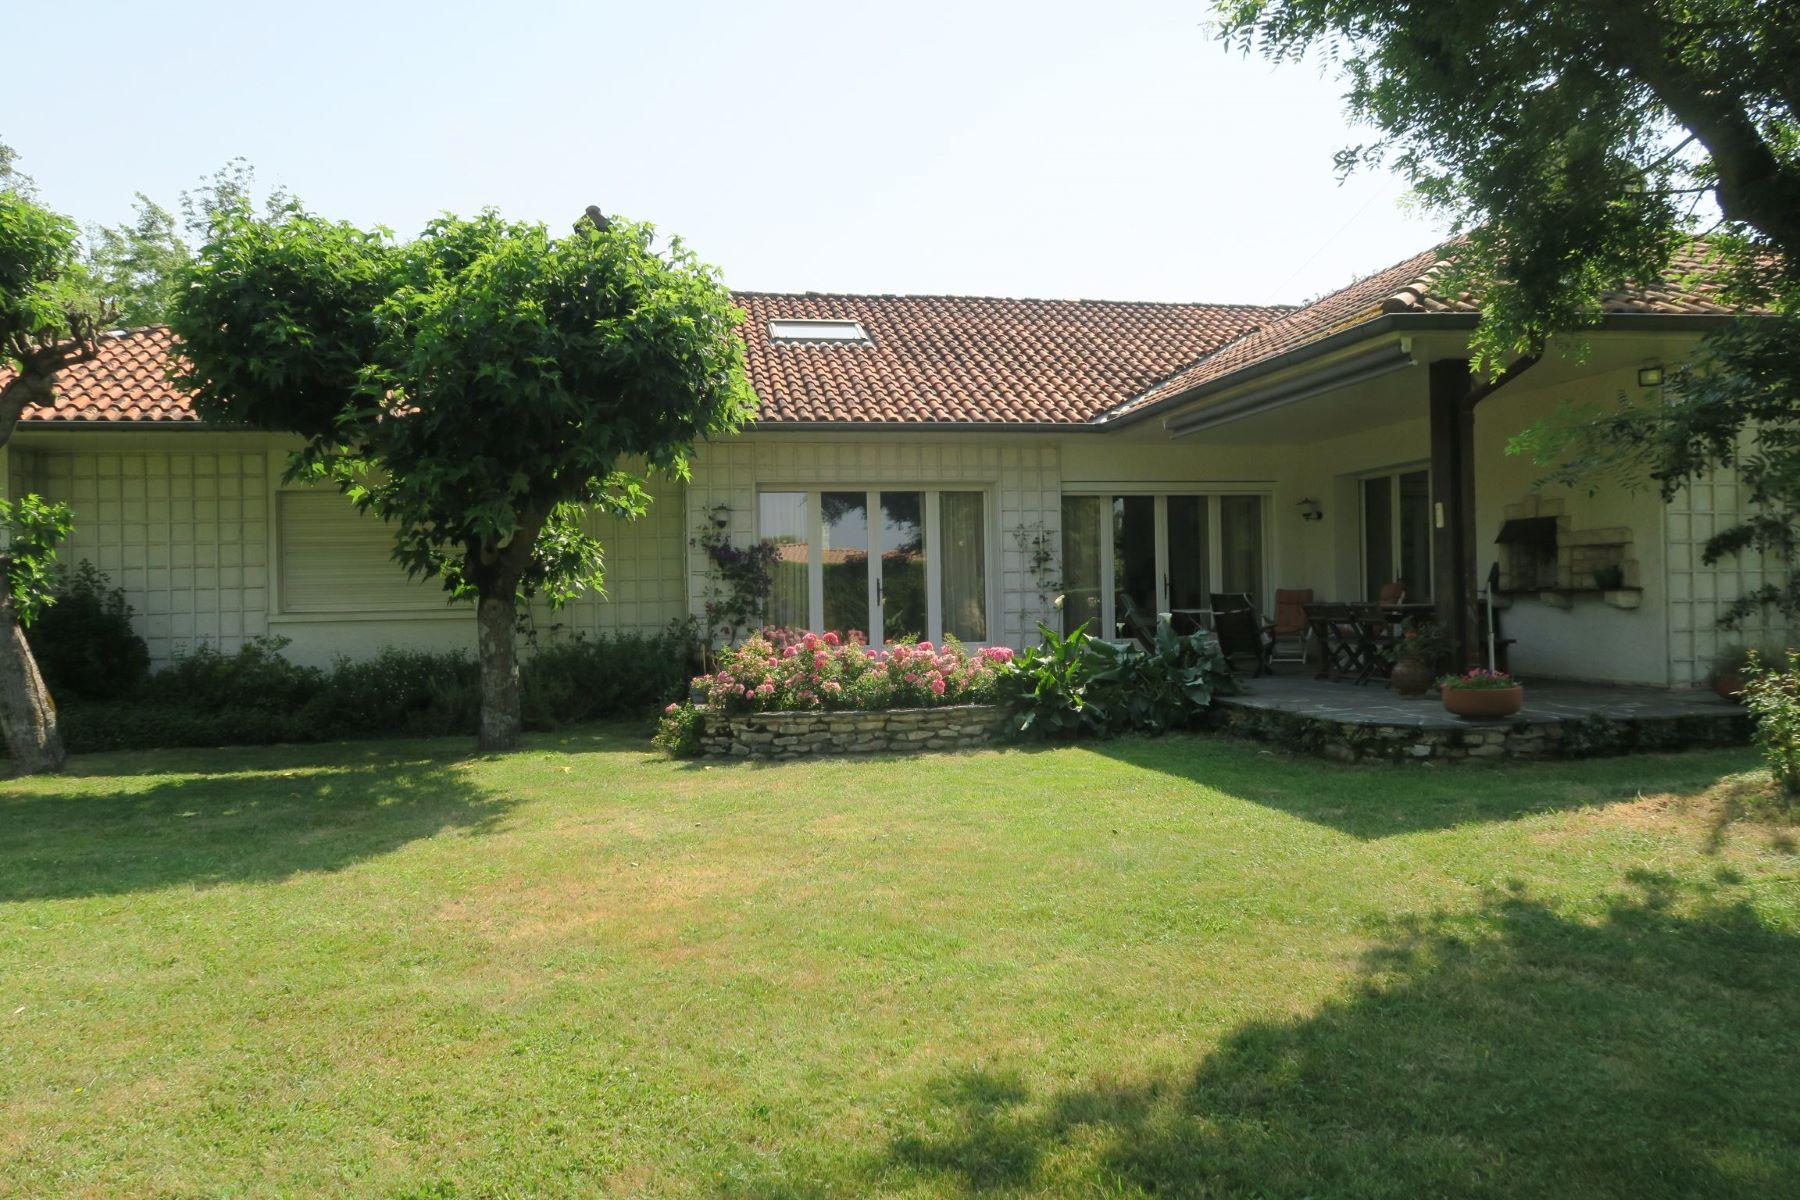 独户住宅 为 销售 在 Revel, 10 mn Pleasant village house of 280m2 with garden Revel, Midi Pyrenees, 31250 法国